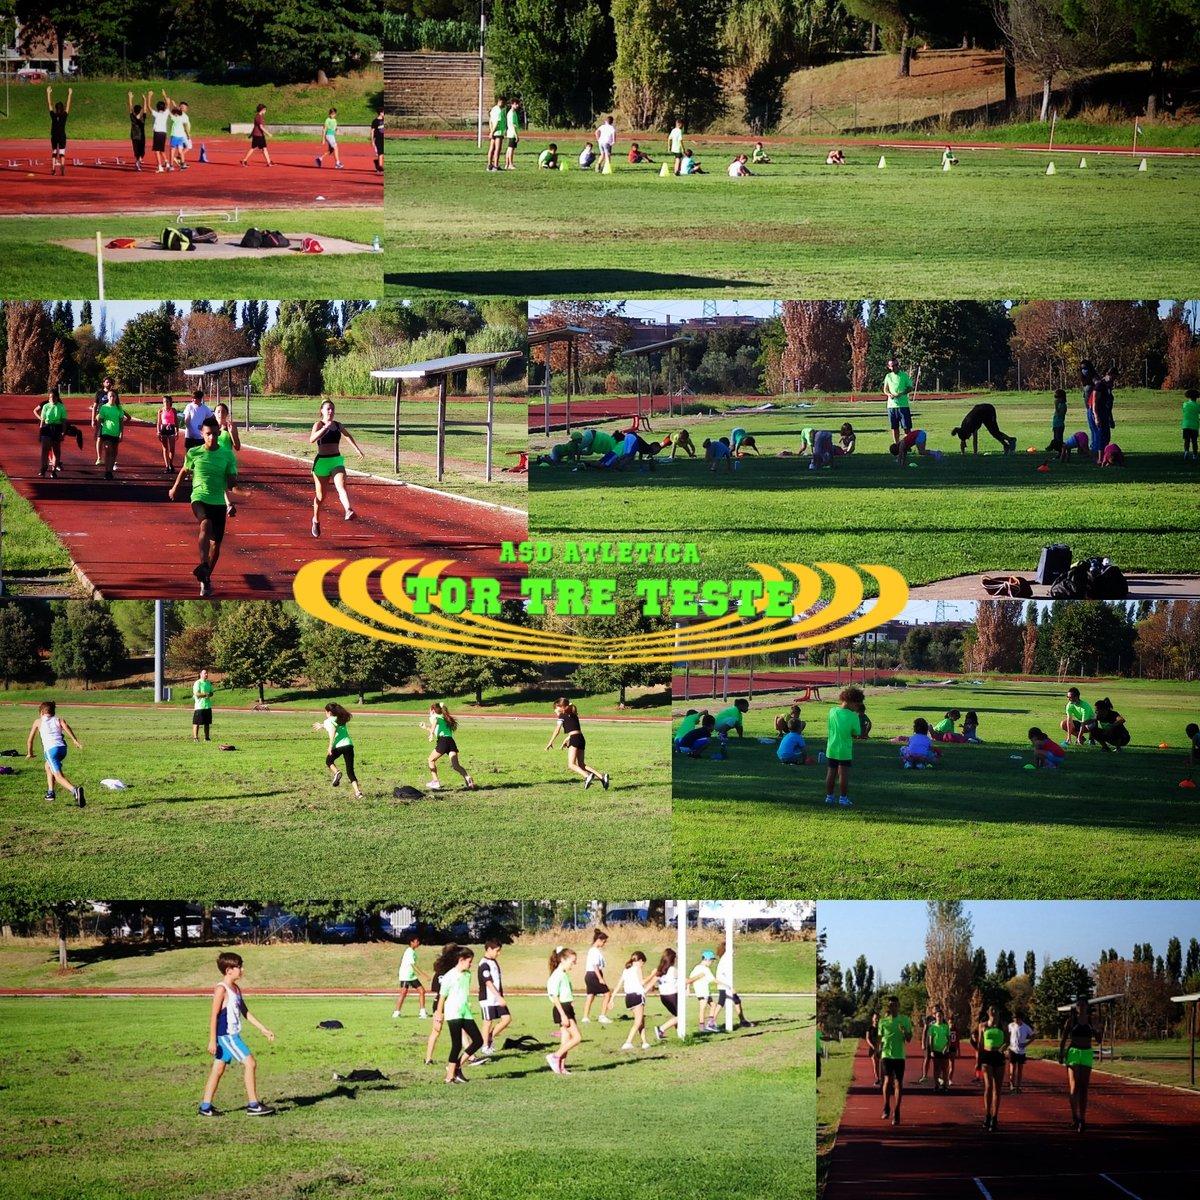 L'#atletica dell'#atleticatortreteste   #lazio #roma #fidalroma #fidallazio #atletica #atleticatortreteste #verdefluo #fit #fitness #tokio2020  #landscape #atuttocampo #bestmoments #allenamento #preparazione #concentrati https://t.co/OoBA1dSvSc